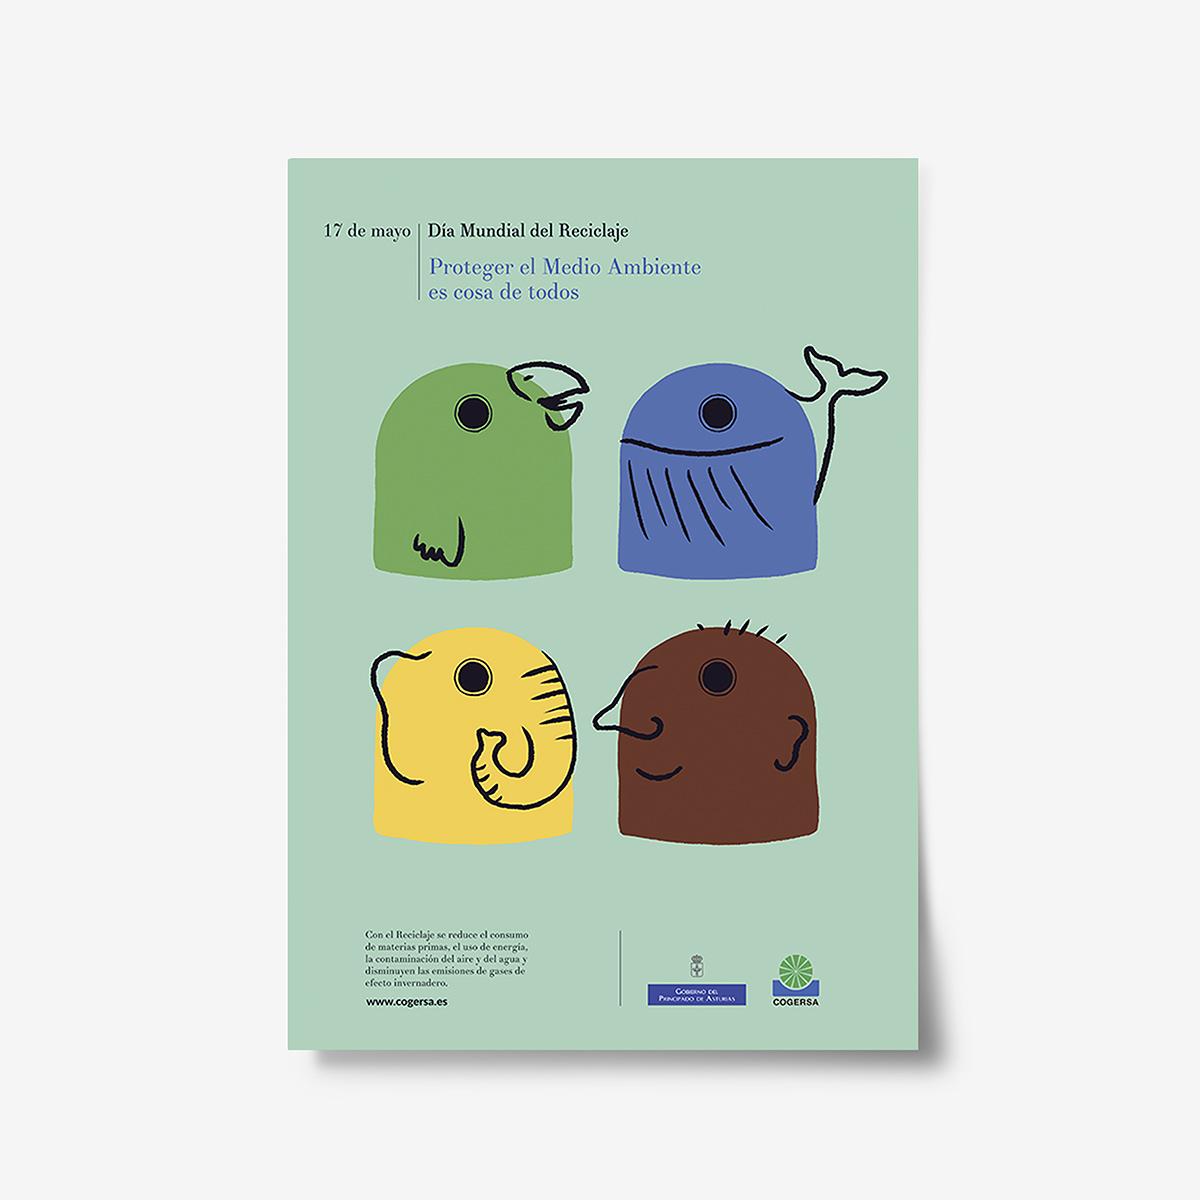 Cogersa Dia Mundial del reciclaje. Goyo Rodriguez_